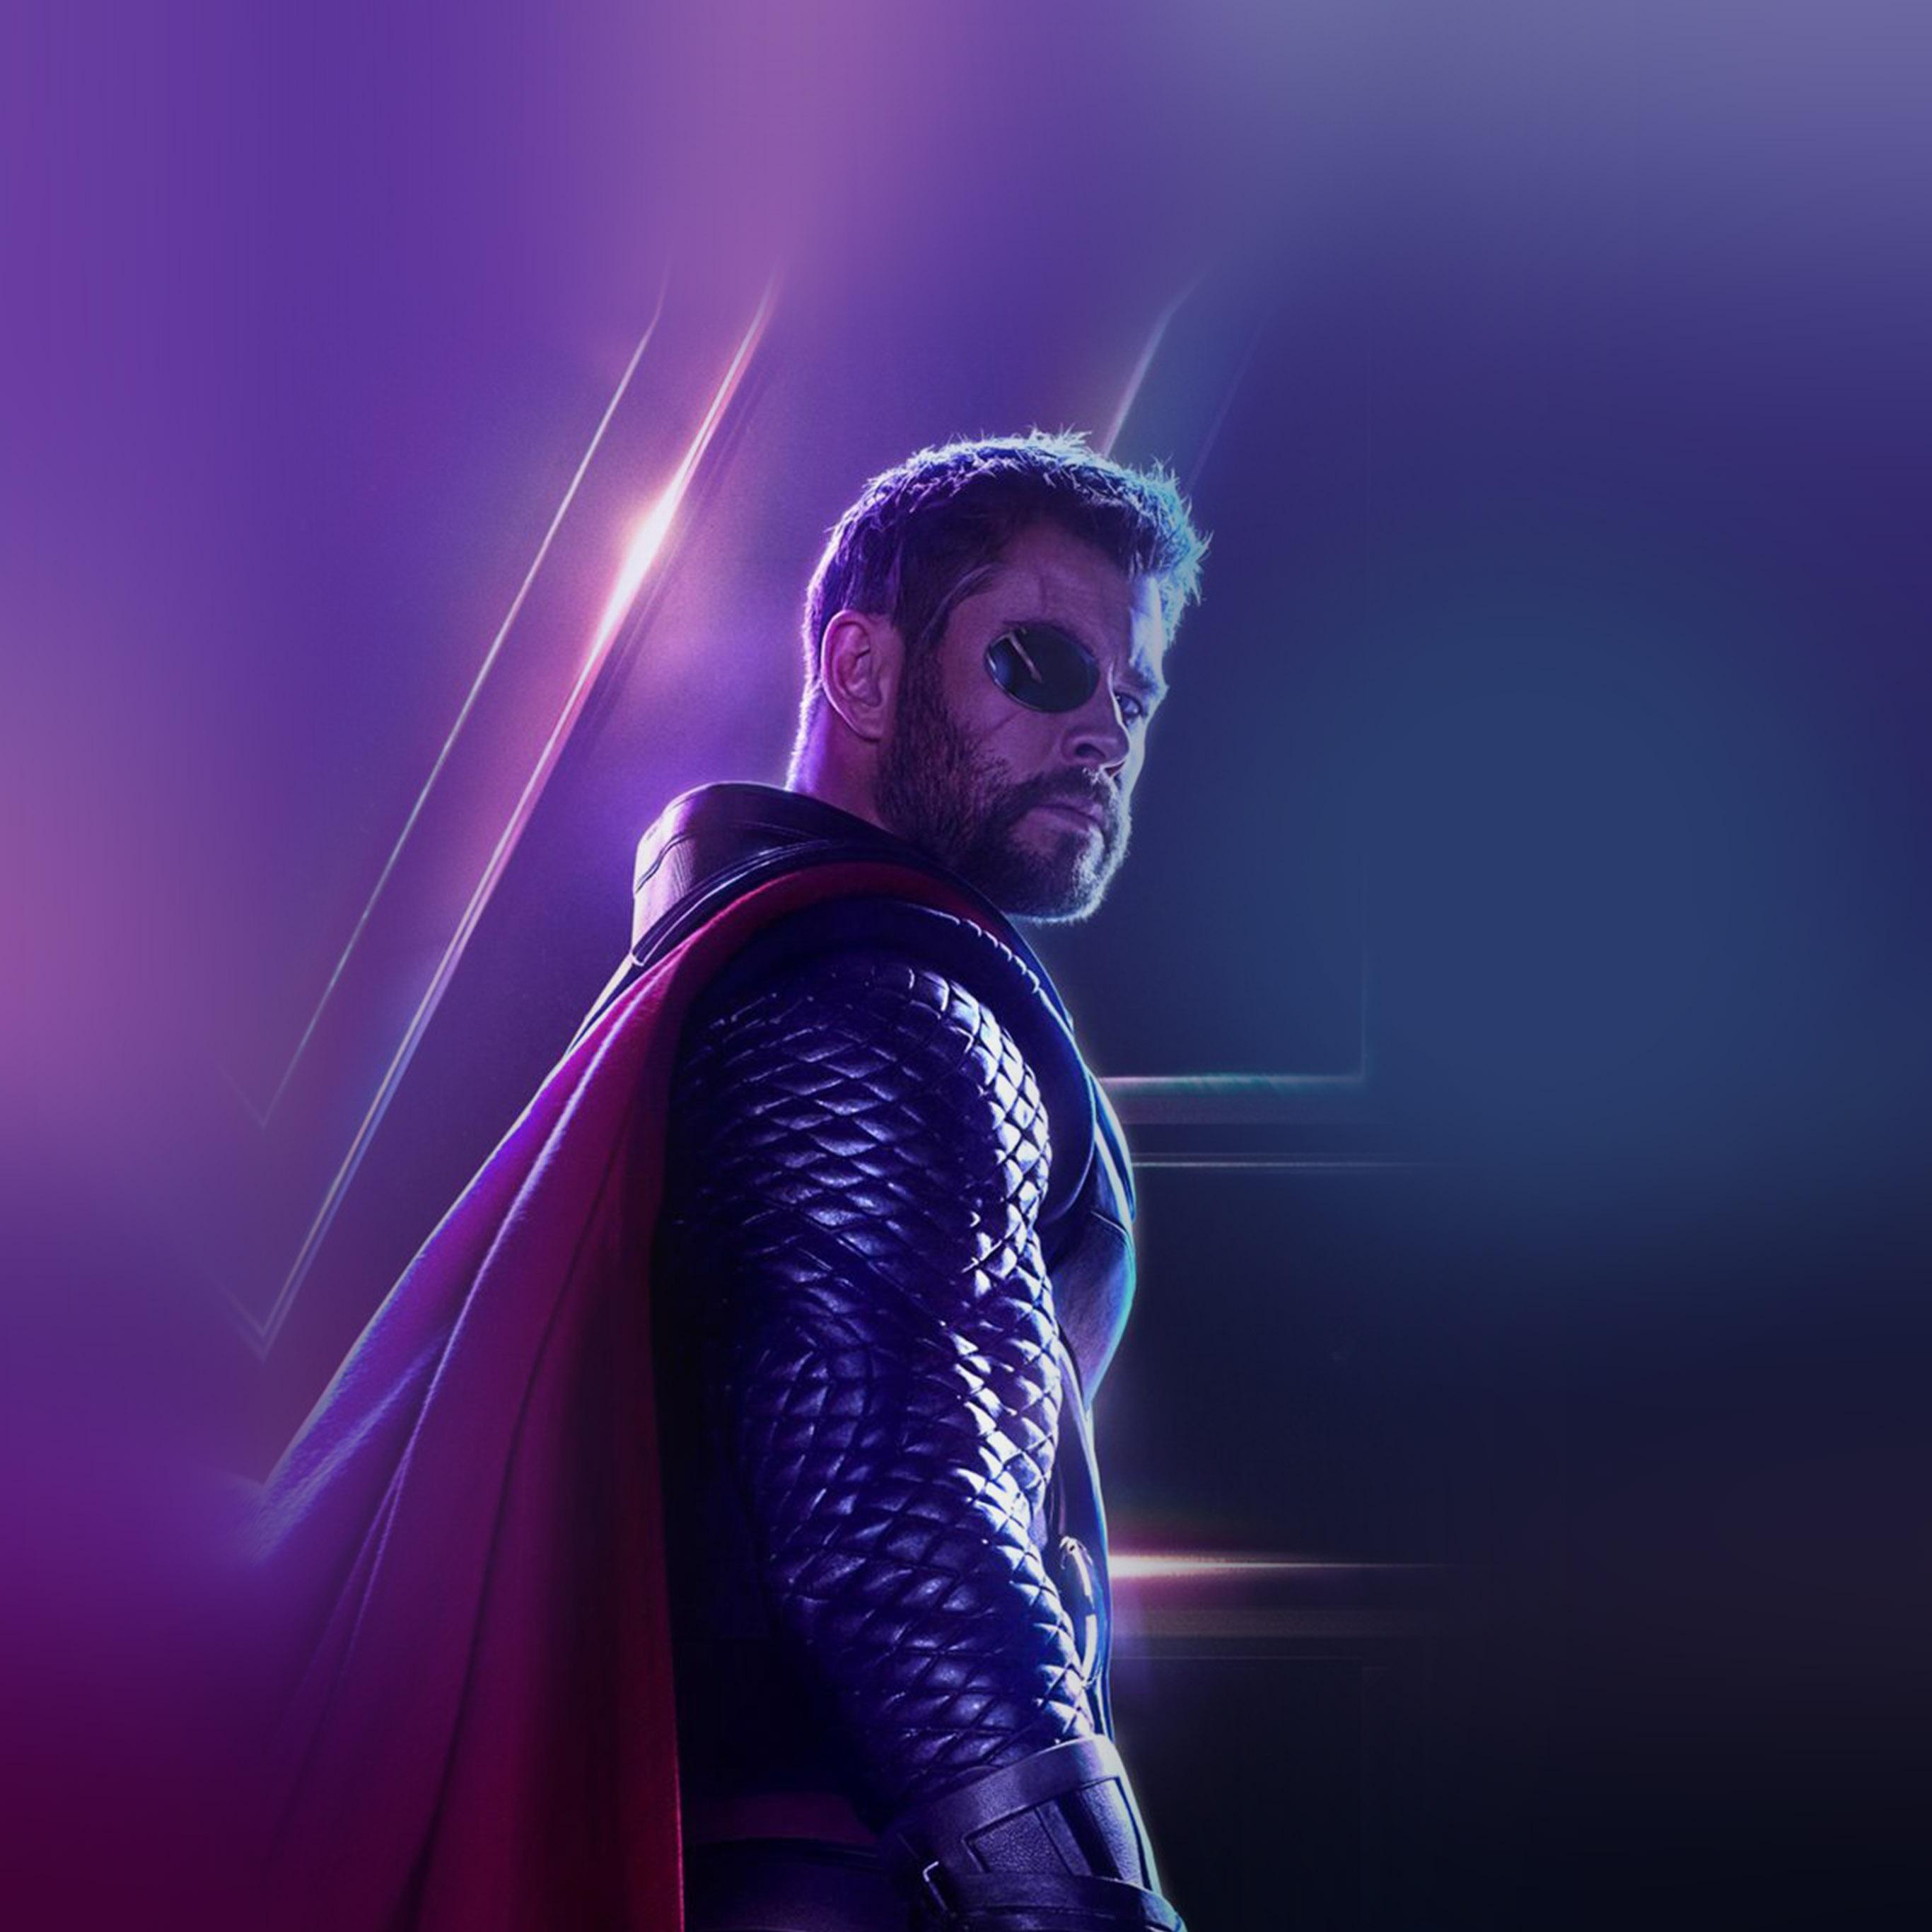 Be94-thor-chris-avengers-hero-infinitywar-film-art-marvel